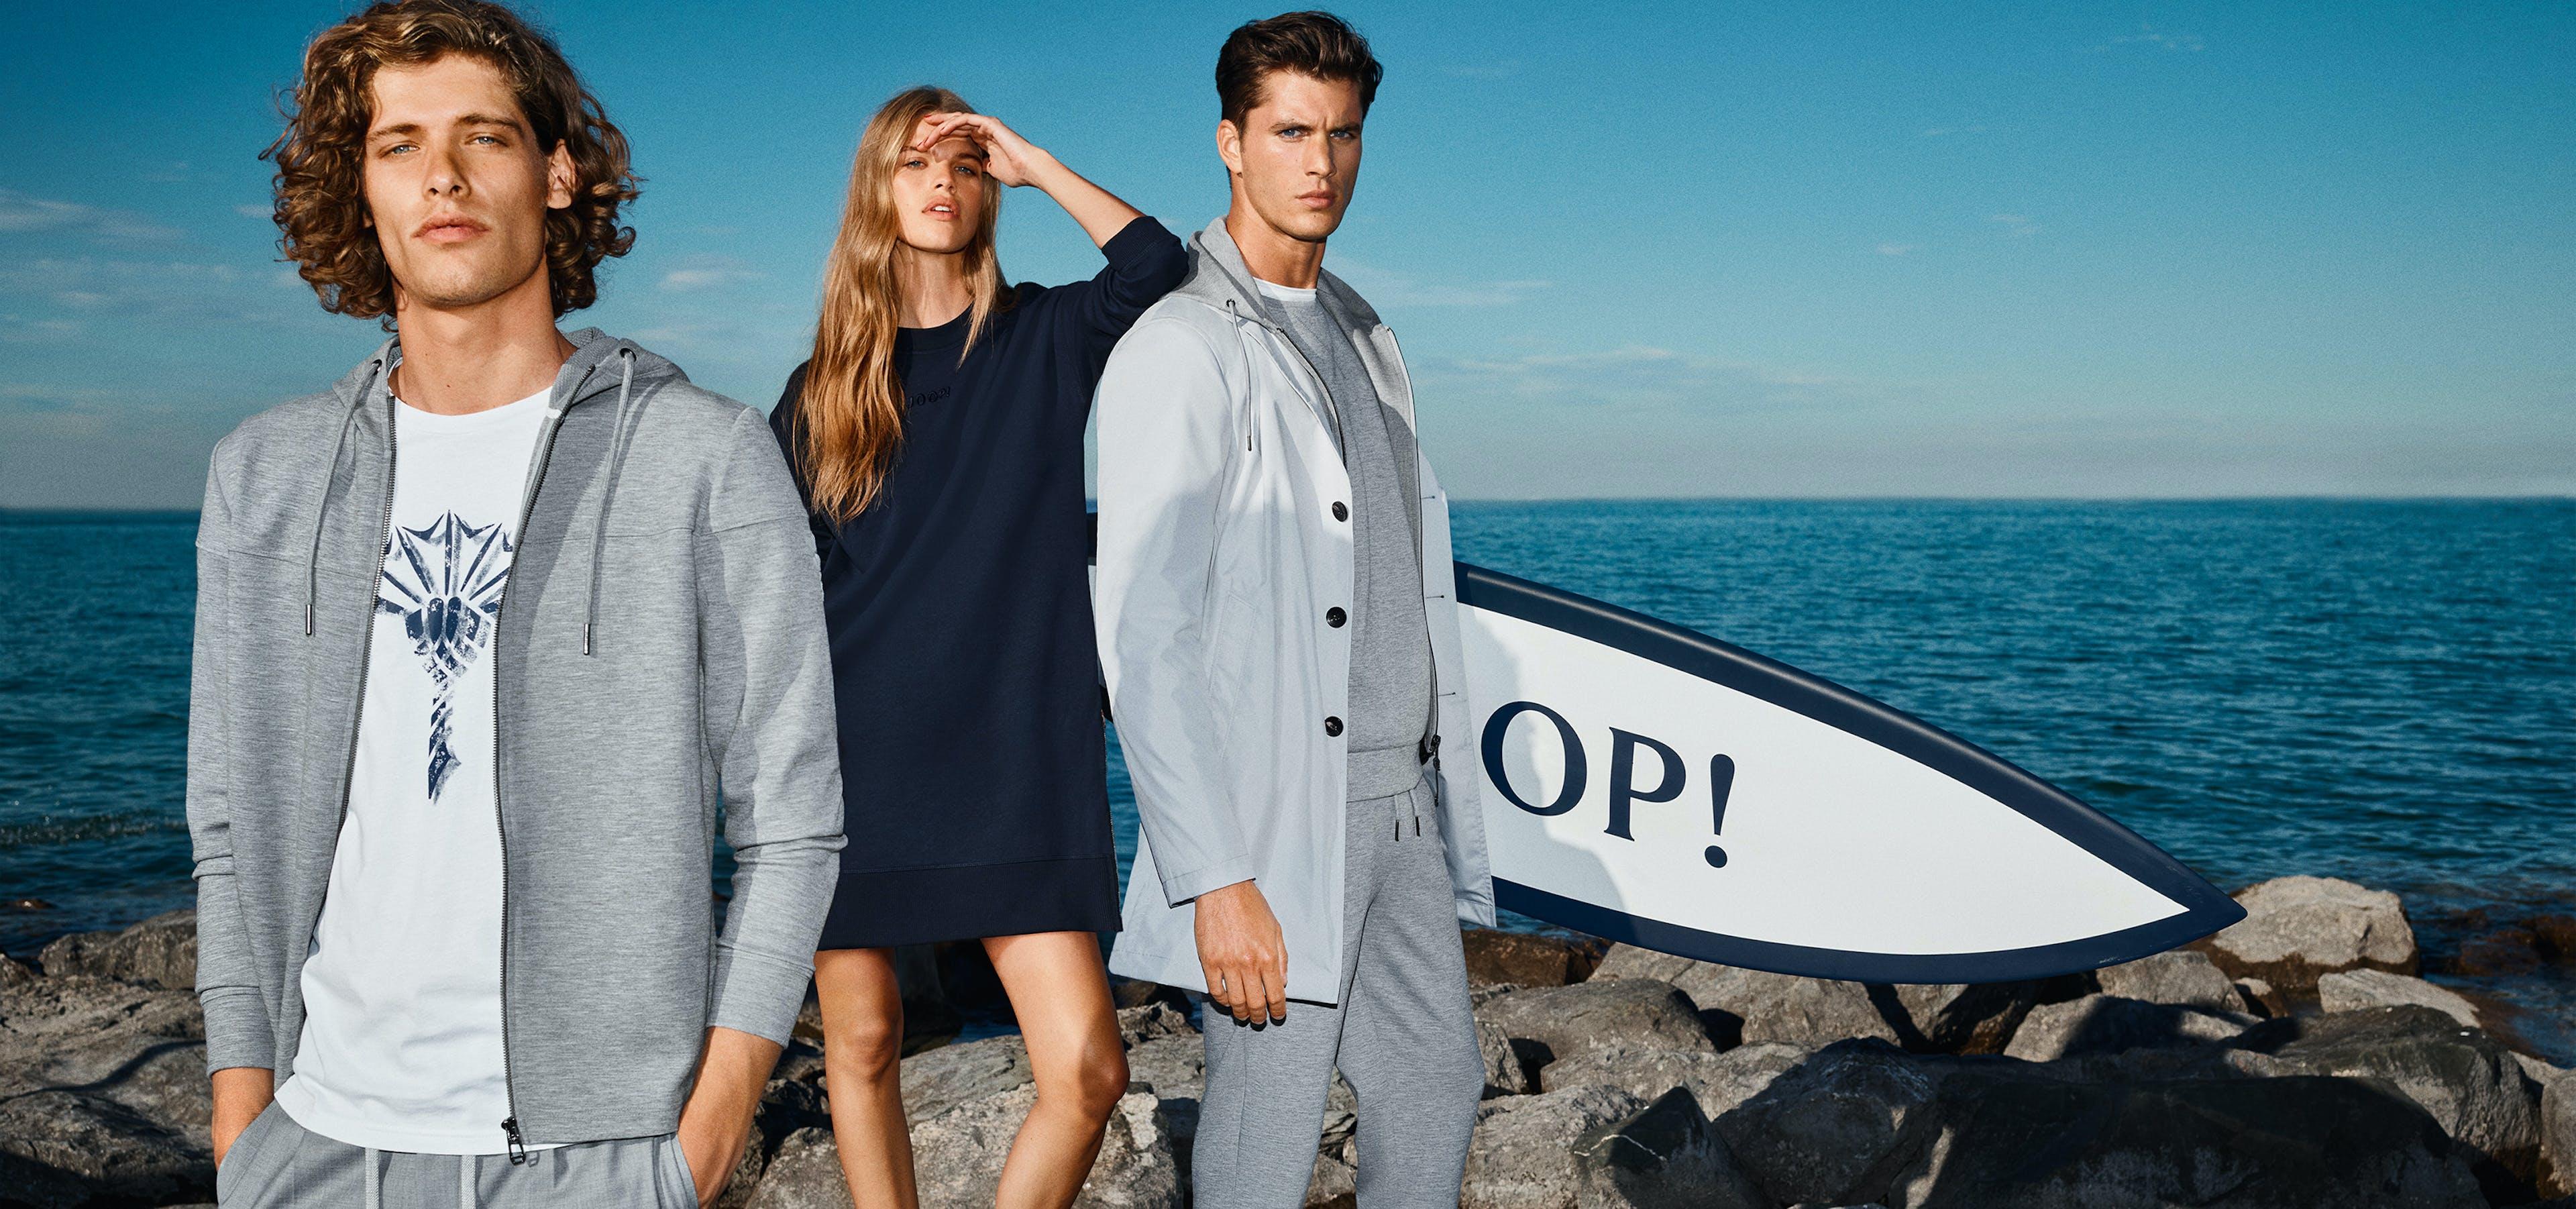 zwei Männer und eine Frau in JOOP! Kleidung am Wasser